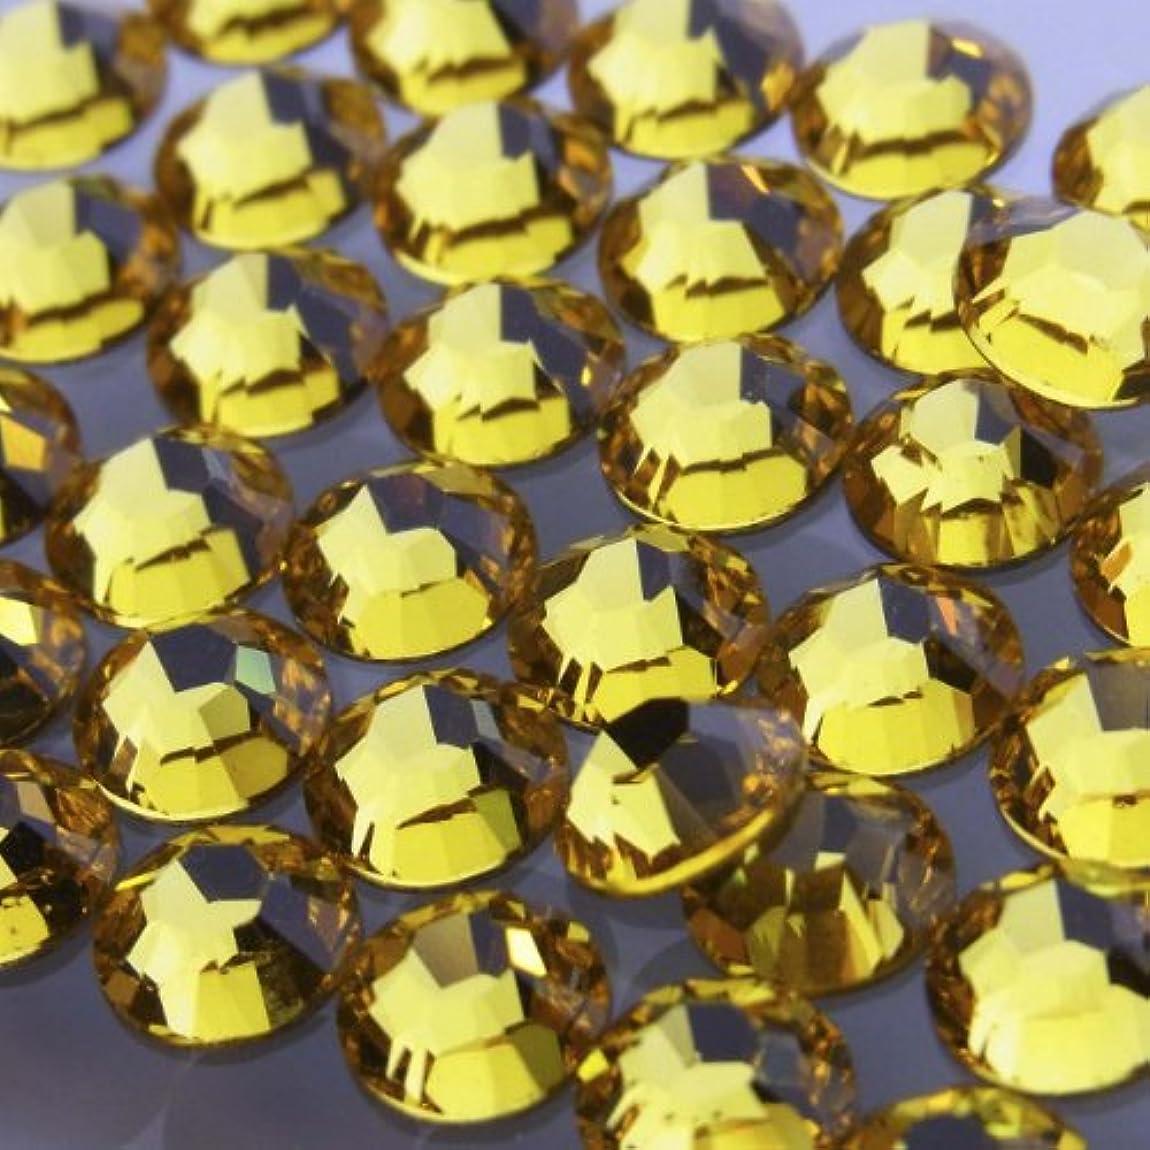 お茶肝パンチHotfixライトトパーズss6(100粒入り)スワロフスキーラインストーンホットフィックス